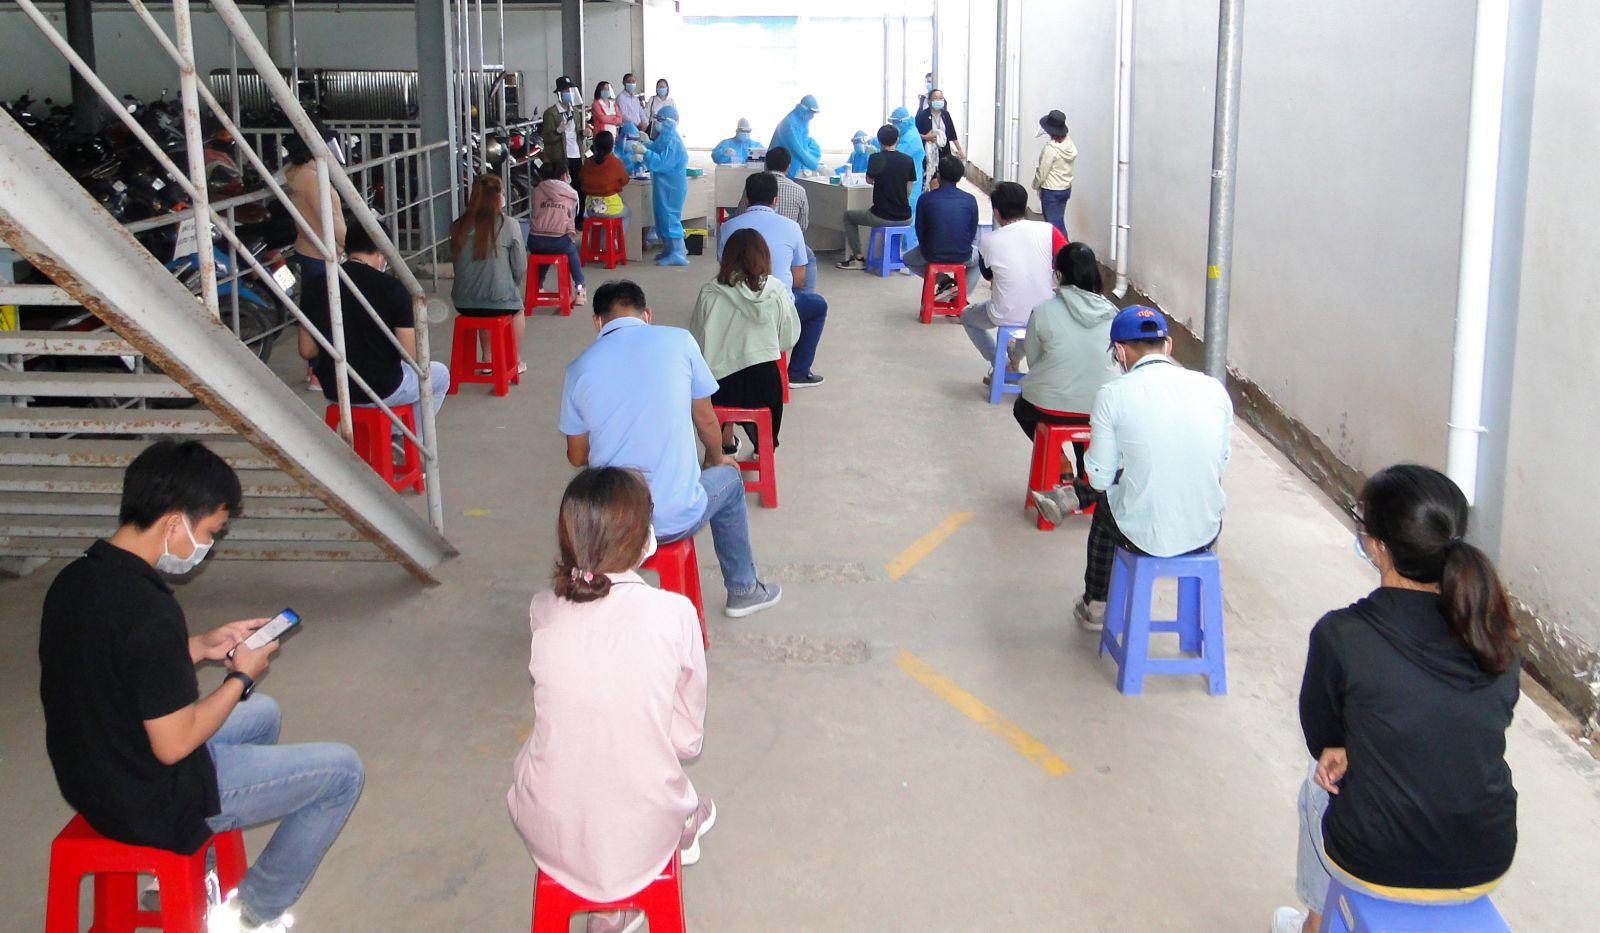 Ngành y tế lấy mẫu xét nghiệm cho công nhân Khu công nghiệp Long Giang (tỉnh Tiền Giang) - (Ảnh: CDC Tiền Giang cung cấp)